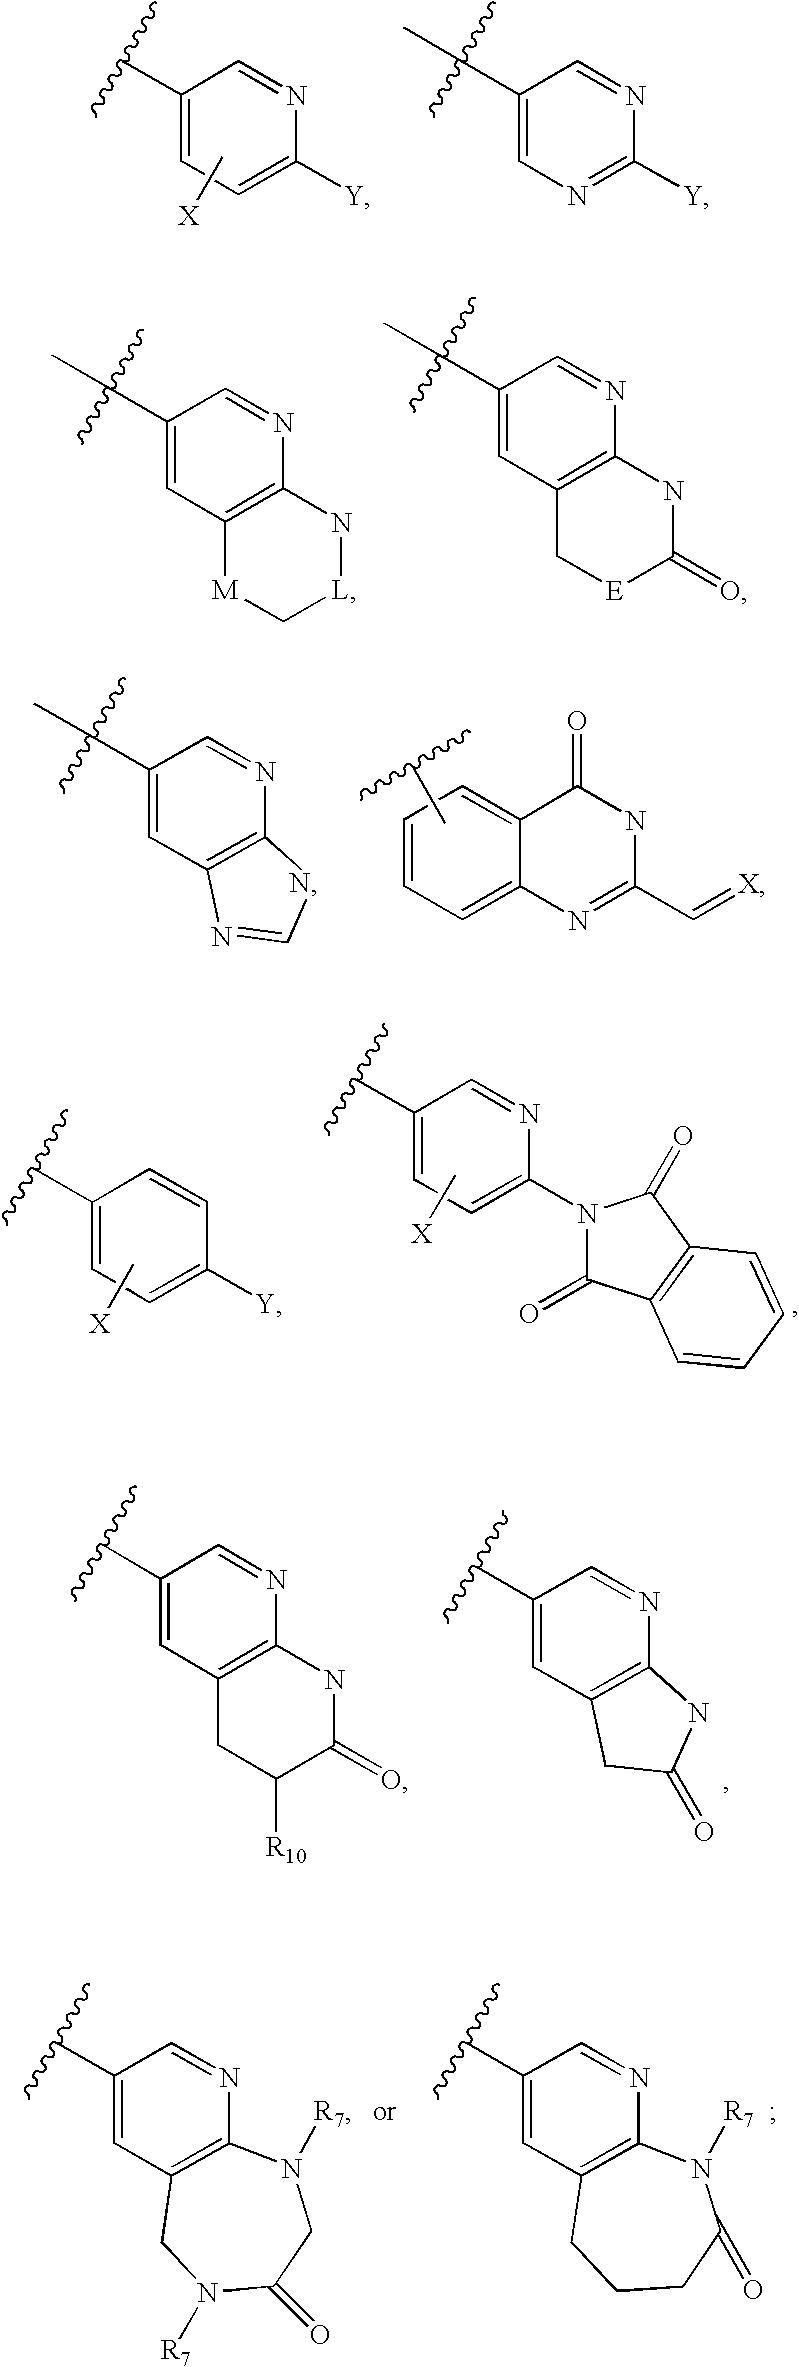 Figure US07879872-20110201-C00023